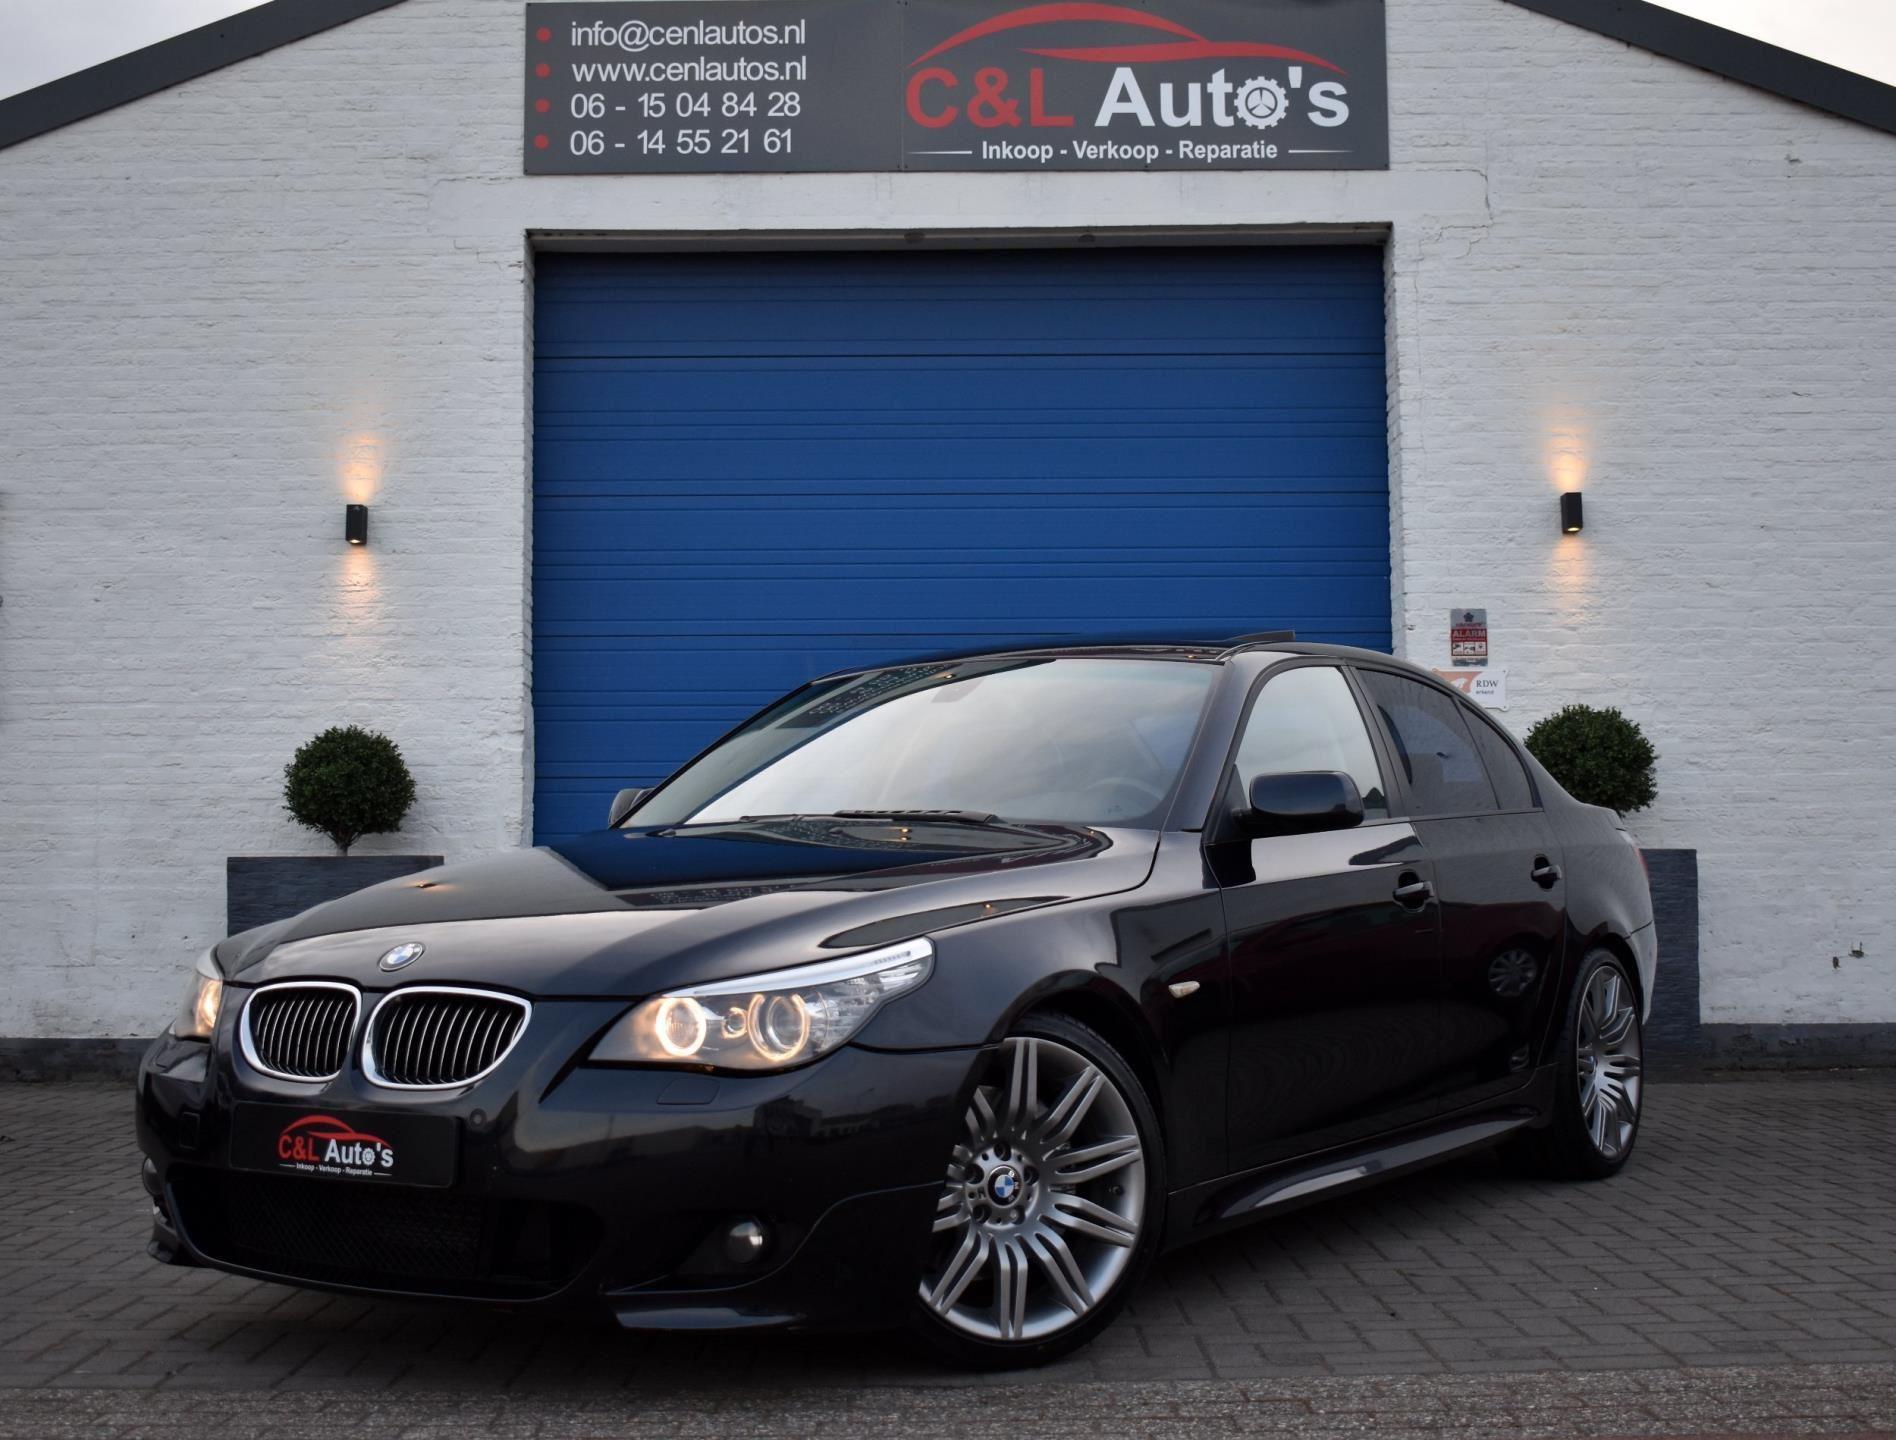 BMW 5-serie occasion - C&L Auto's